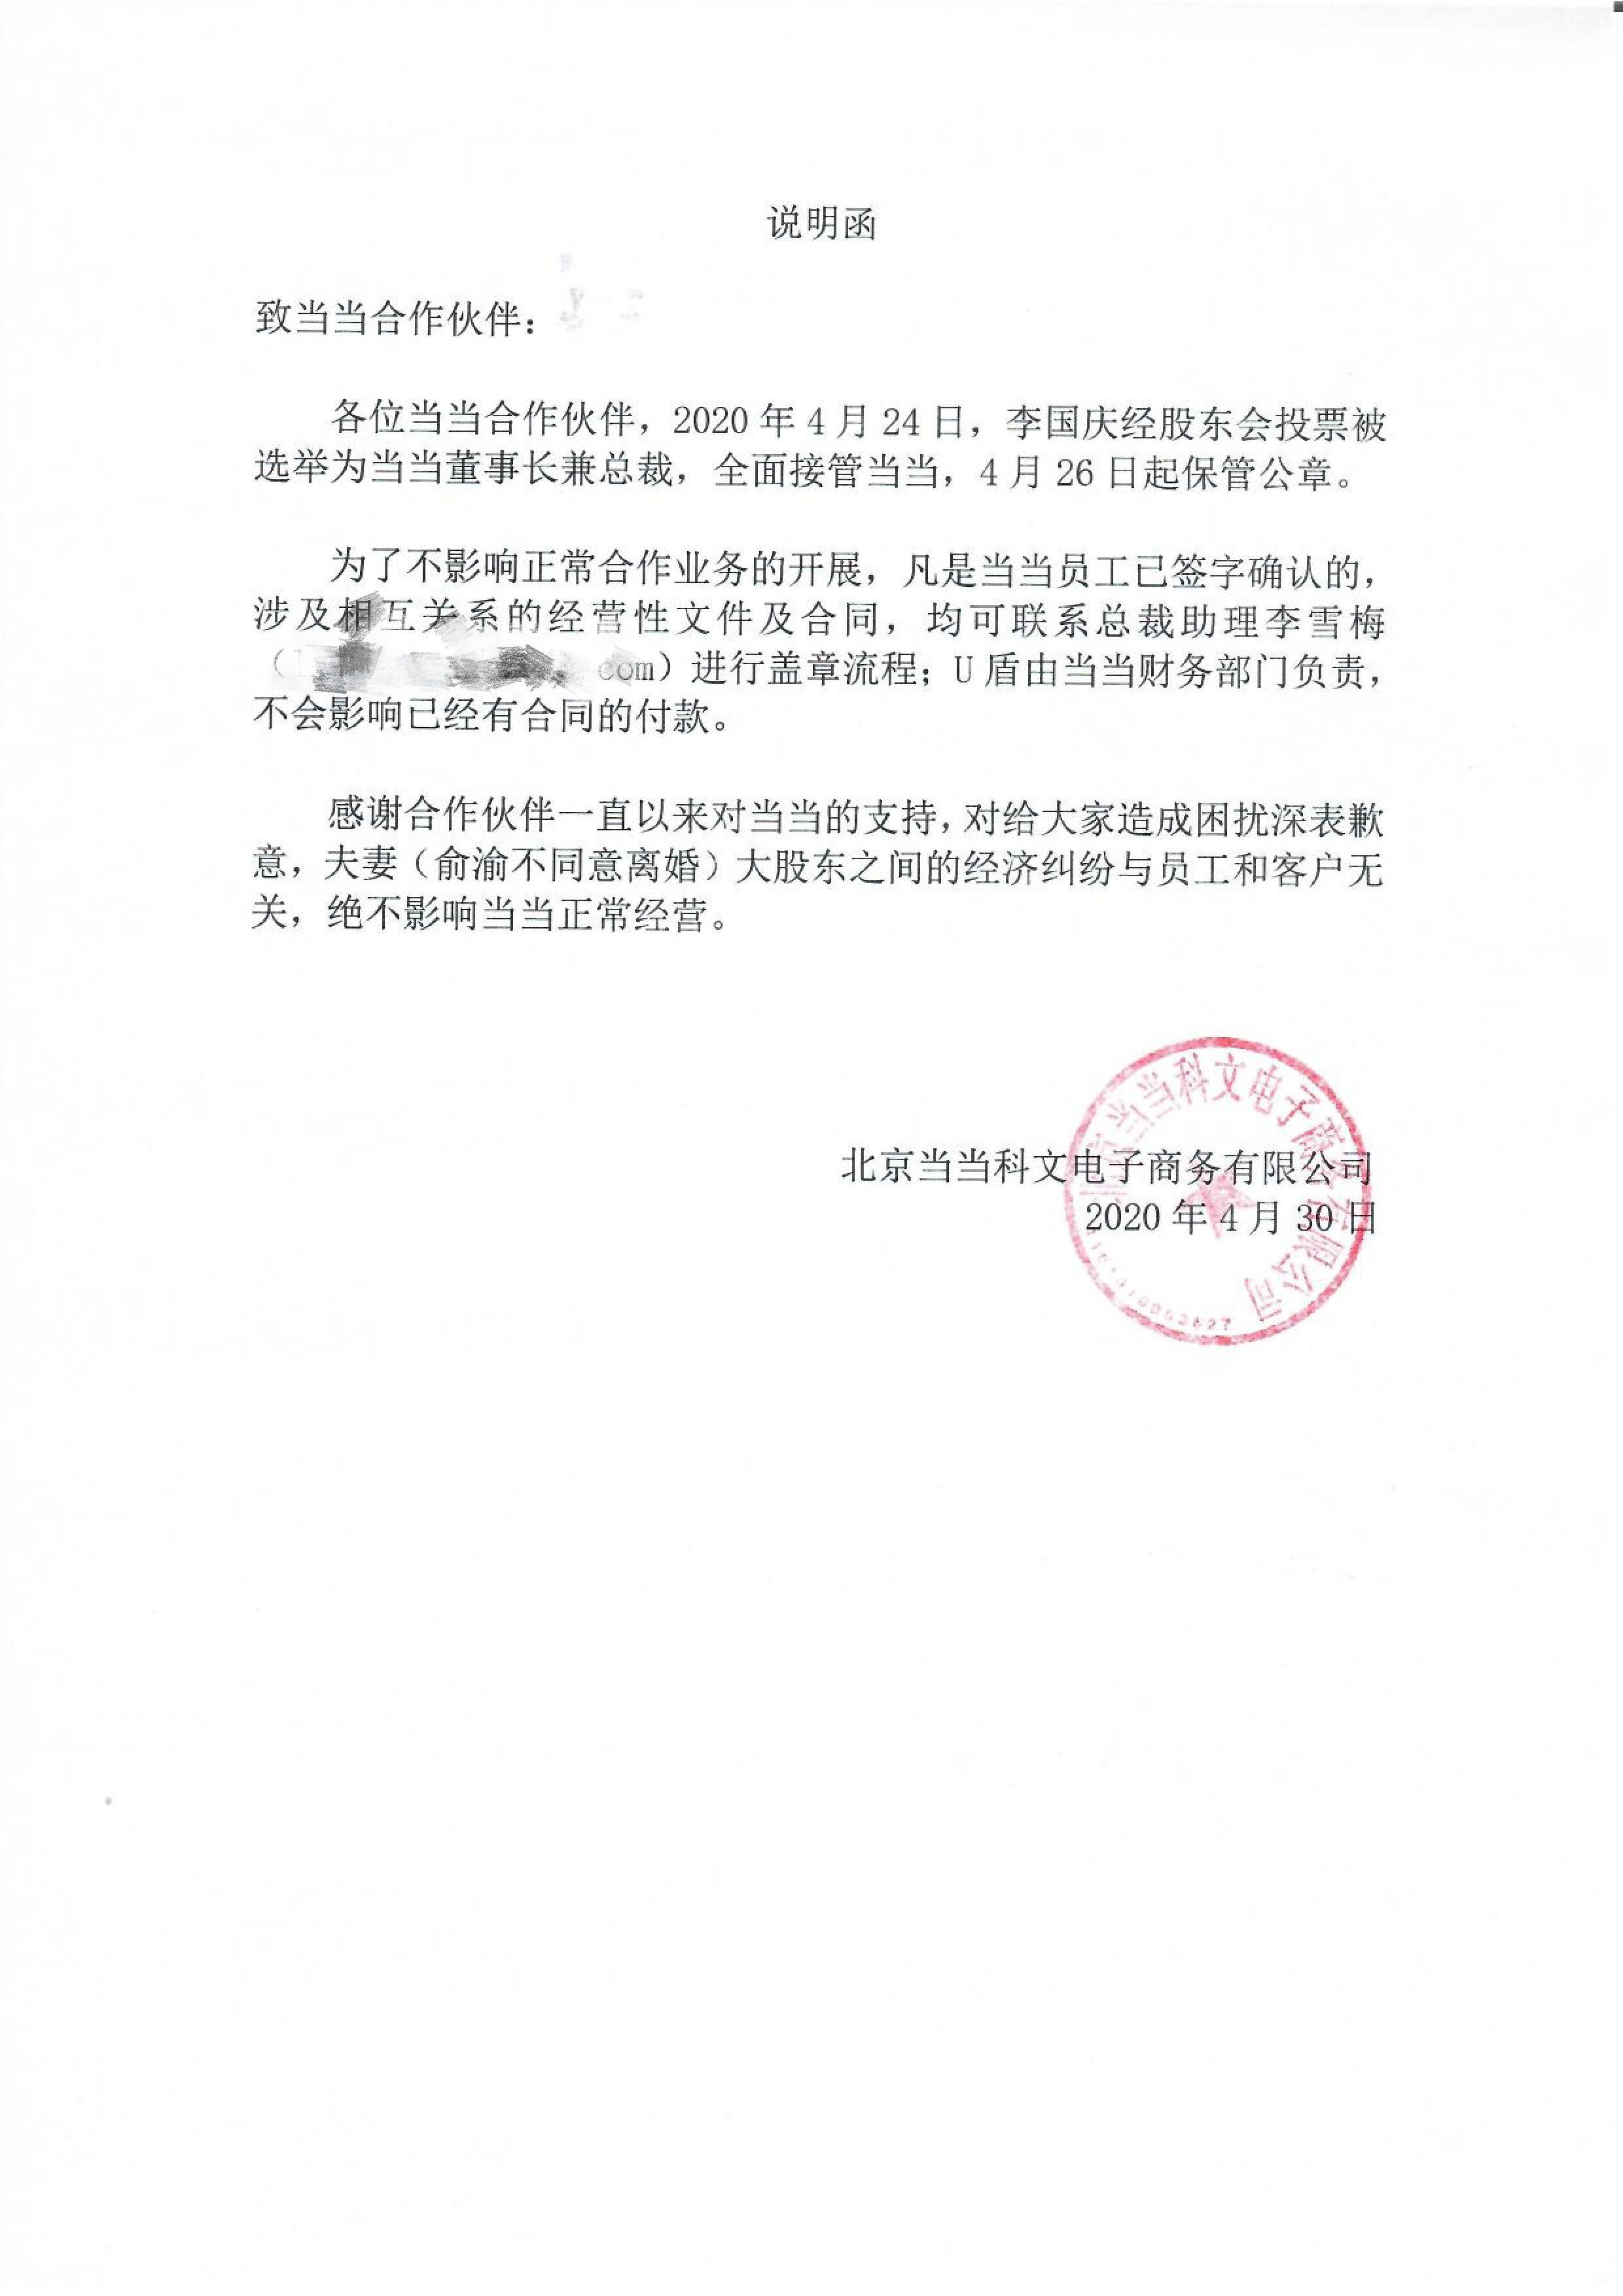 李国庆代表当当向合作伙伴发函:深表歉意,夫妻纠纷不影响正常经营